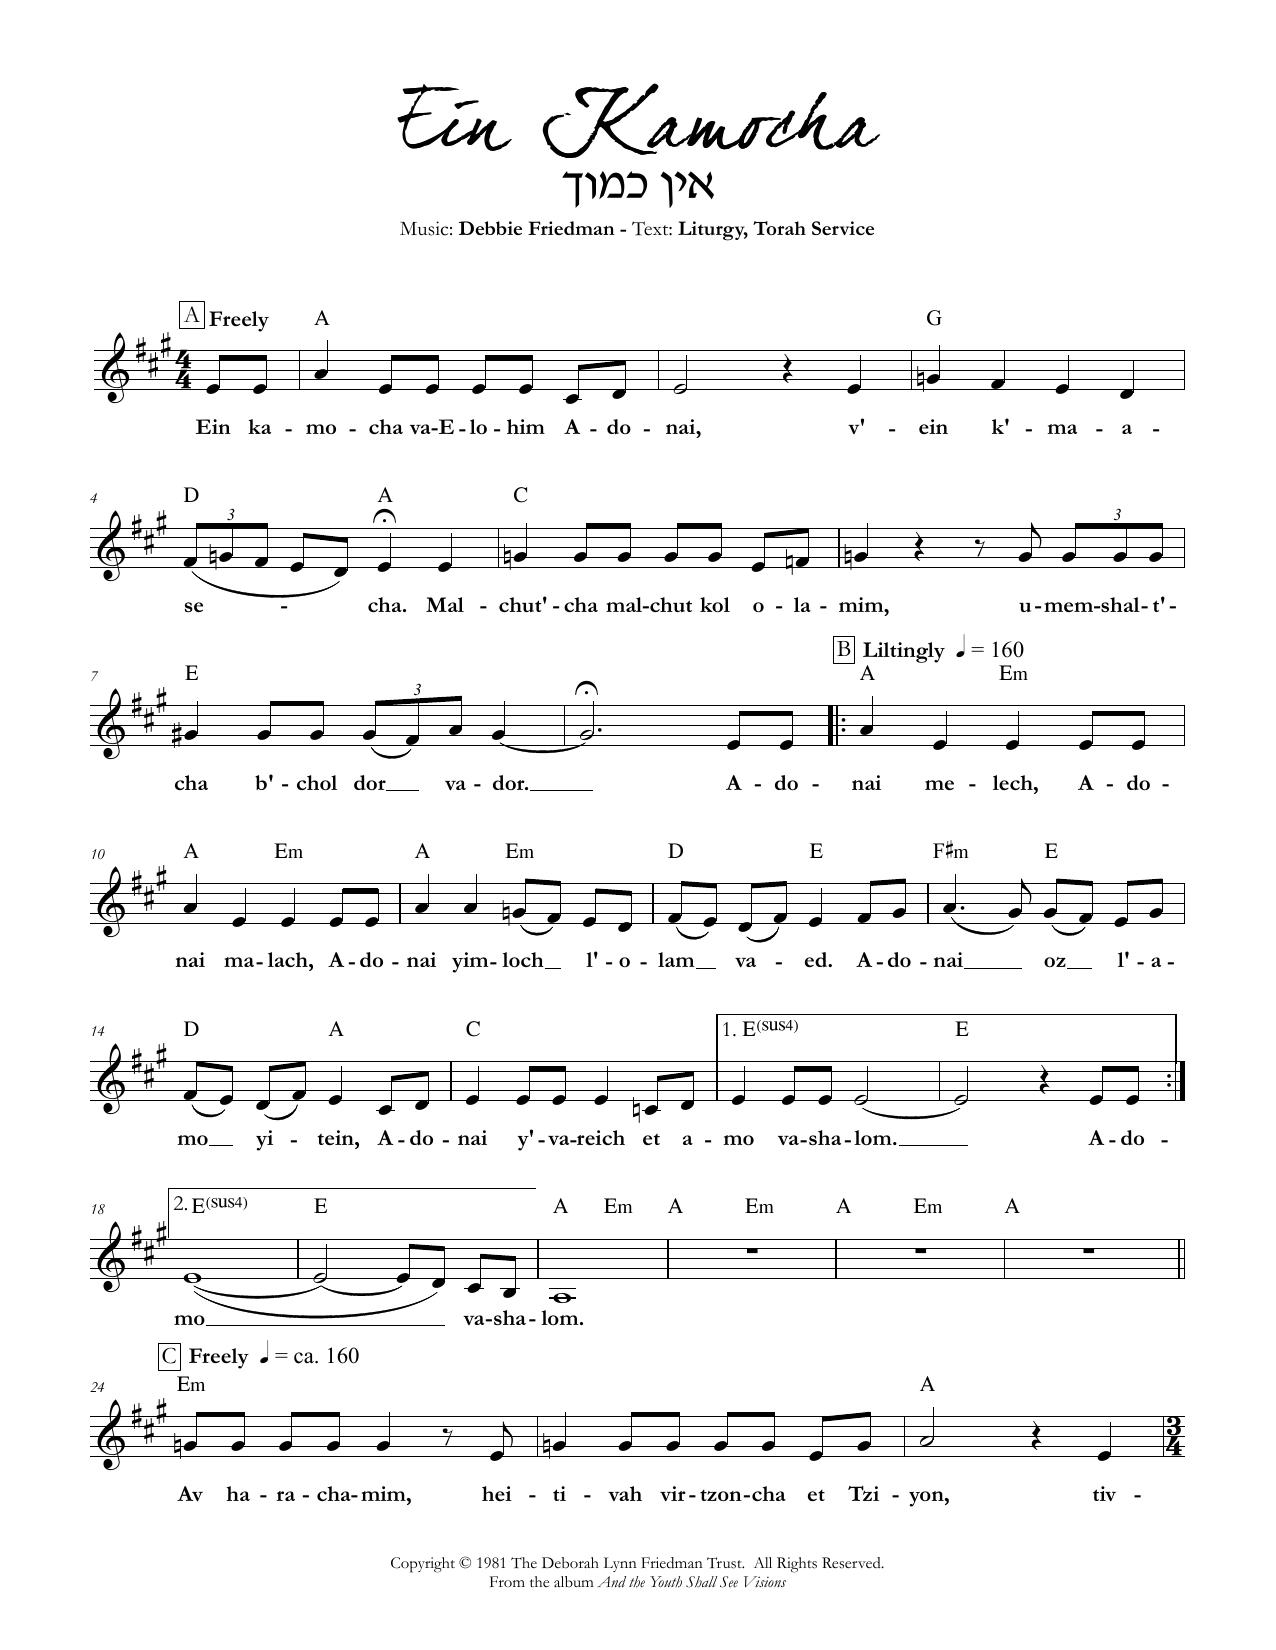 Ein Kamocha Sheet Music